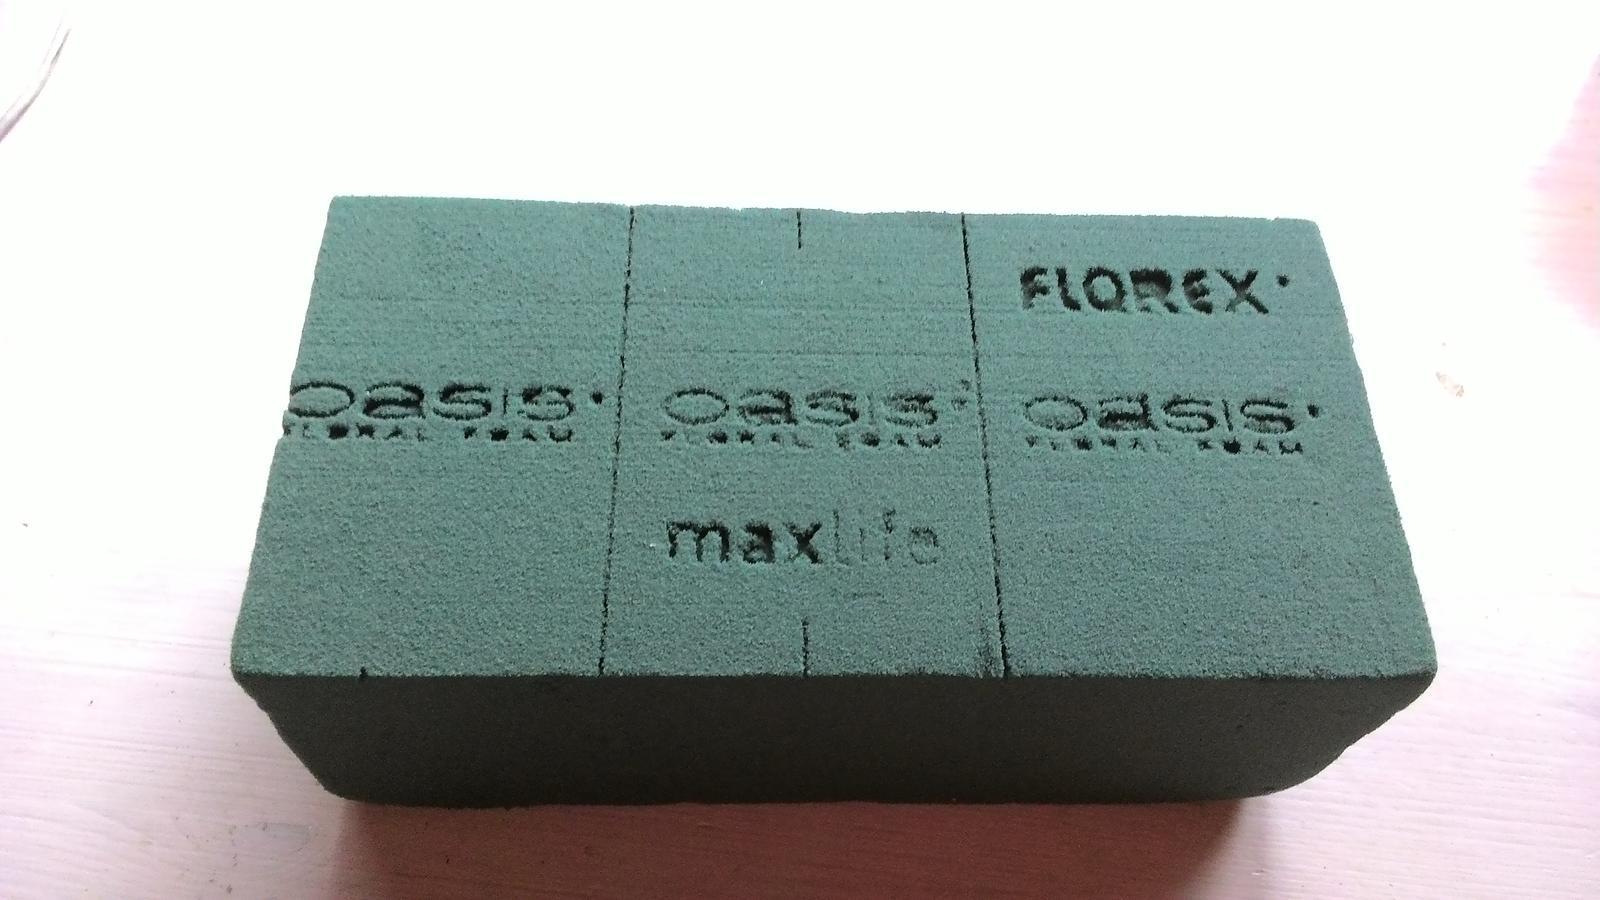 Aranžovací hmota Florex na květiny (pěna) - Obrázek č. 1